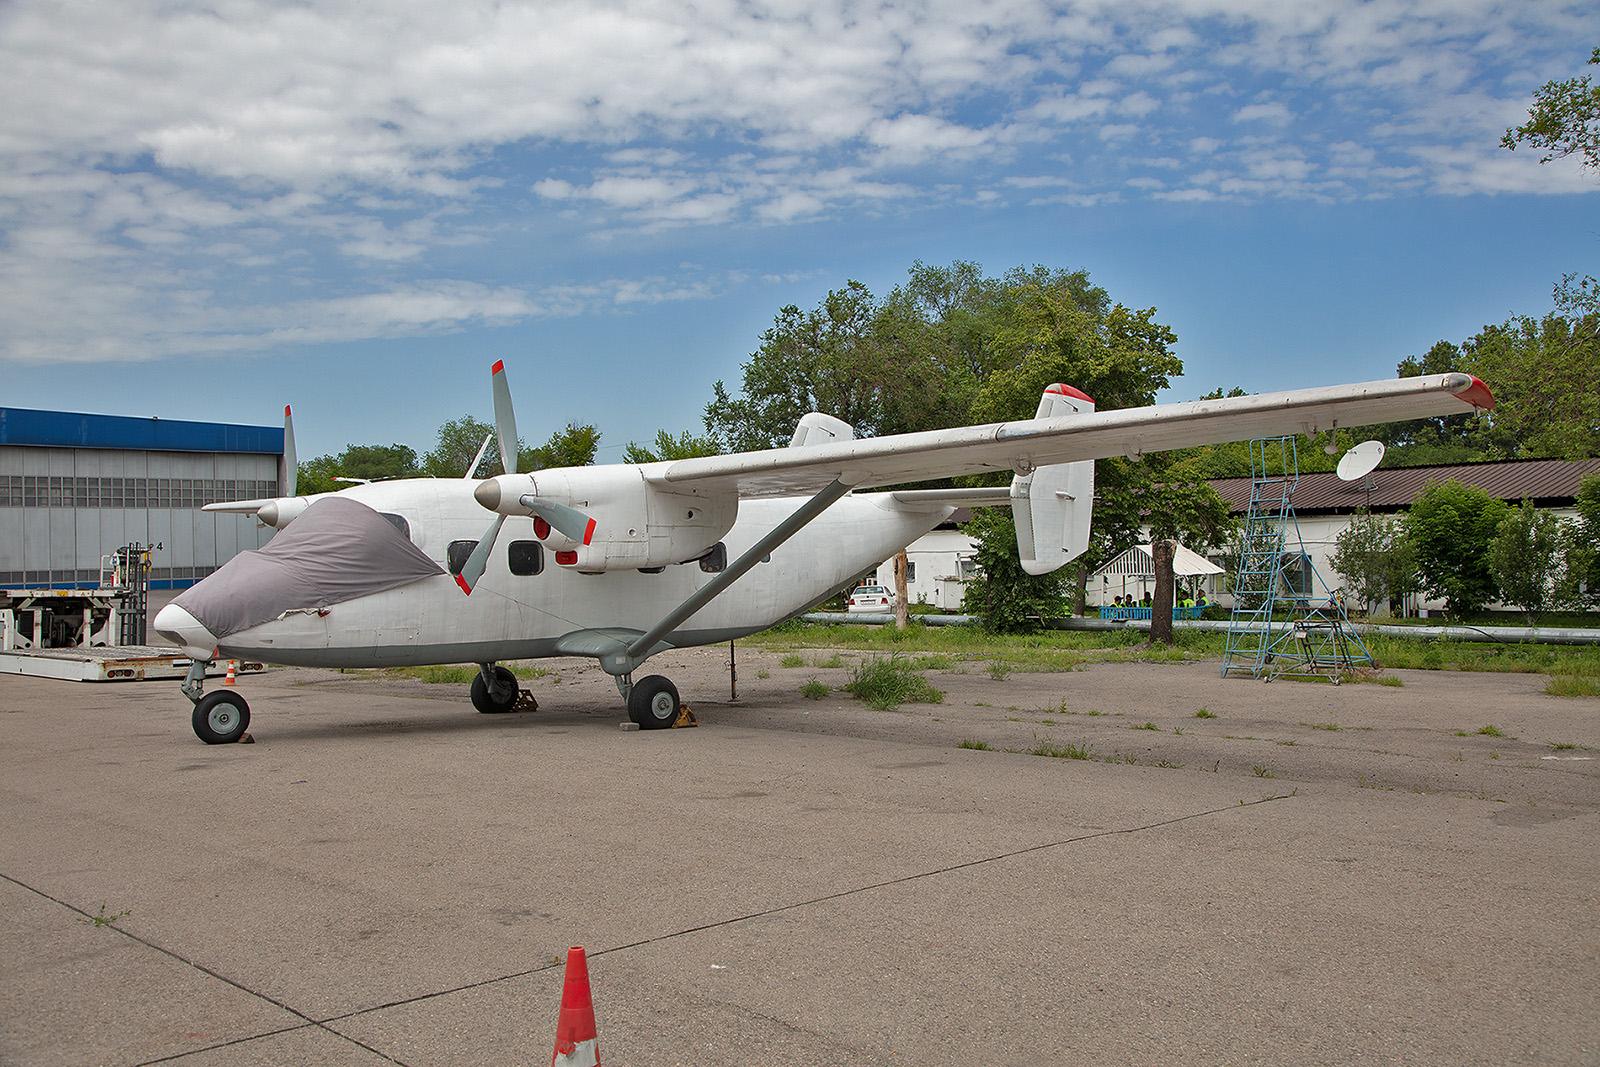 Antonov 28 der East Wing. Da sie keine Registrierung mehr hat ist es fraglich ob sie noch fliegt.